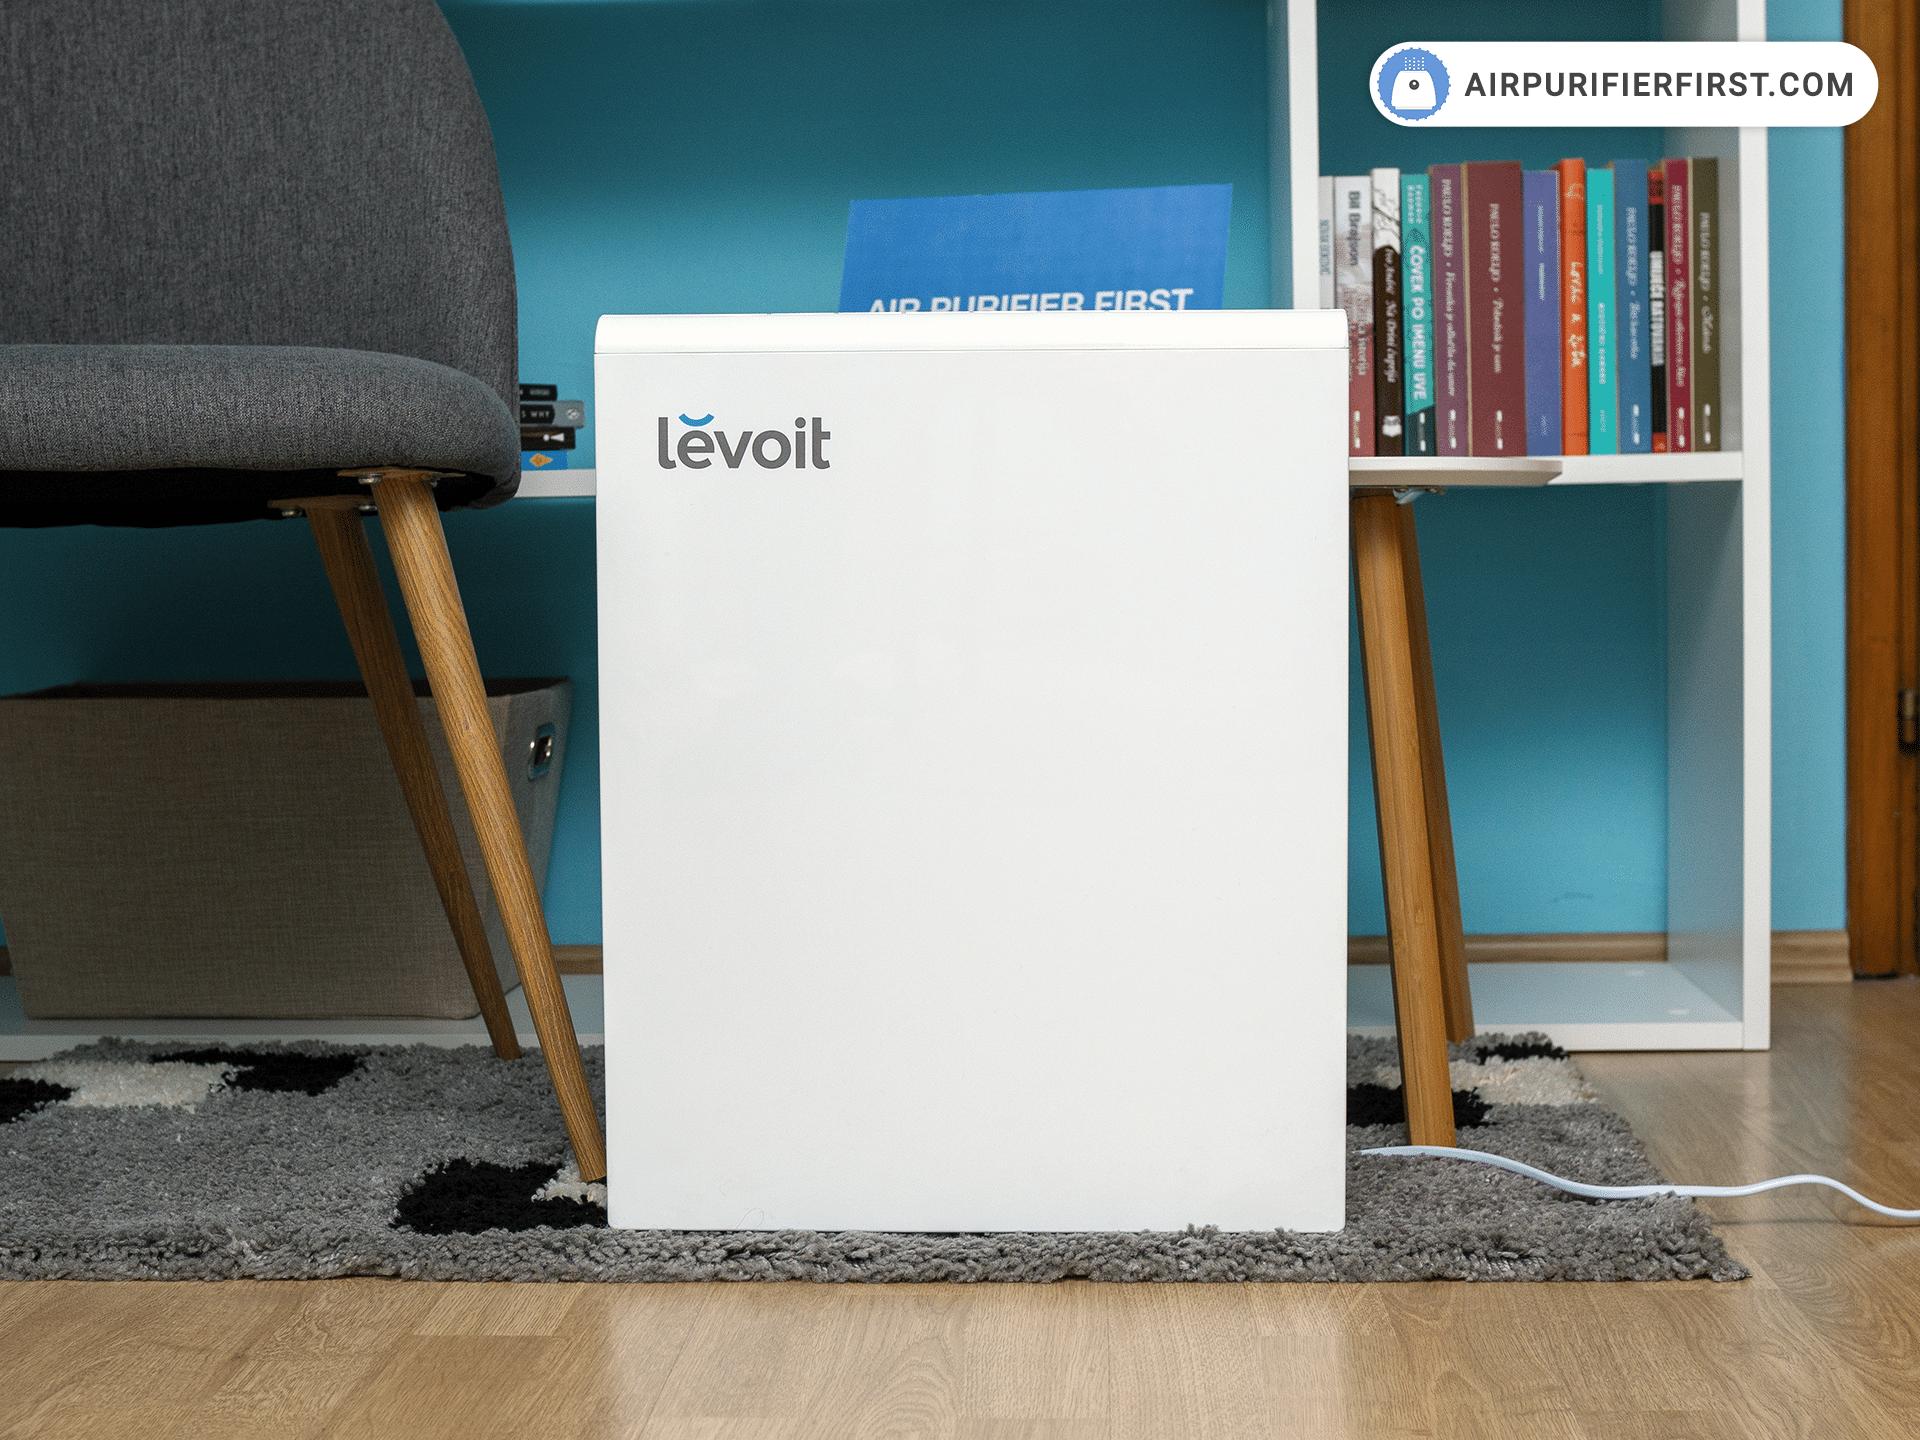 Levoit LV-PUR131 Air Purifier - Review